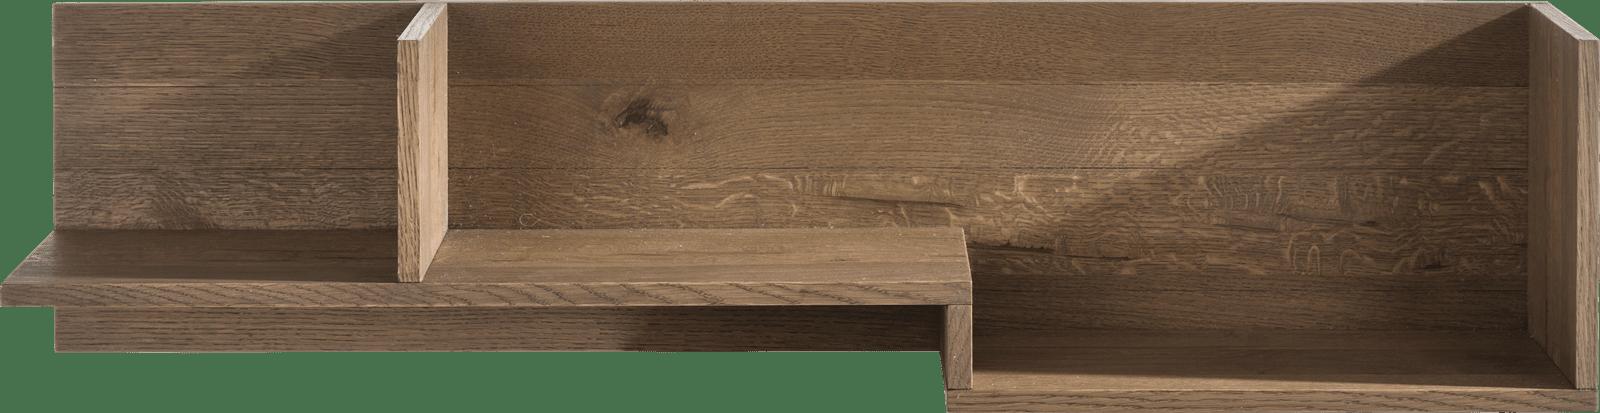 Henders and Hazel - Santorini - Natuurlijk - wandplank 120 cm